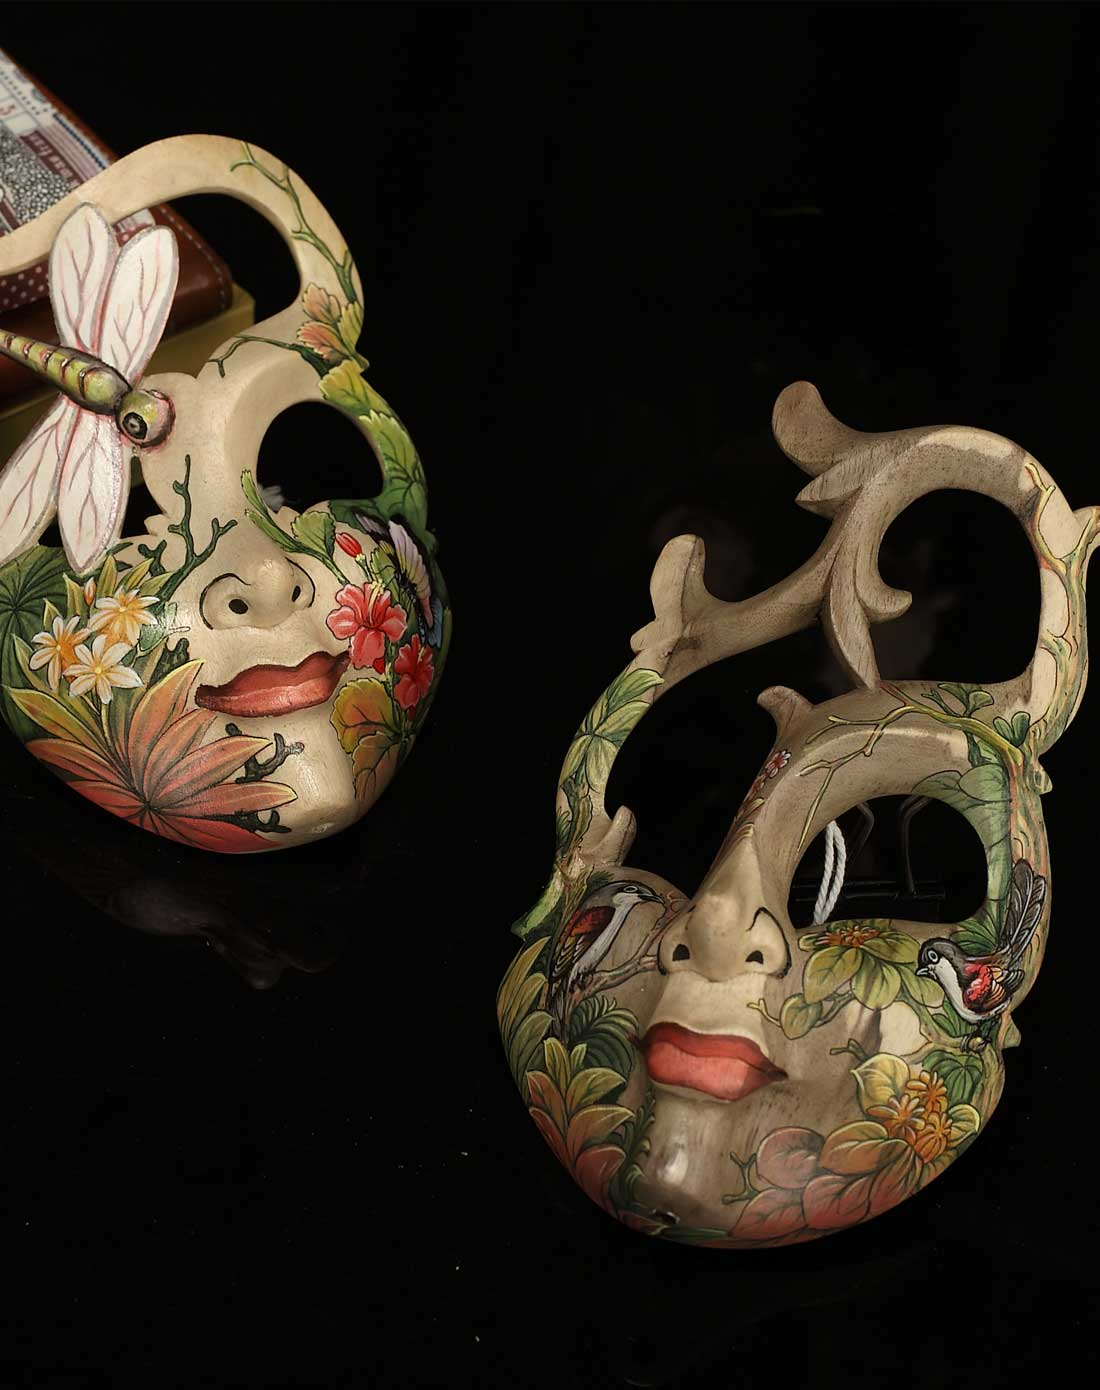 手绘面具摆件*可挂可摆*威尼斯风格